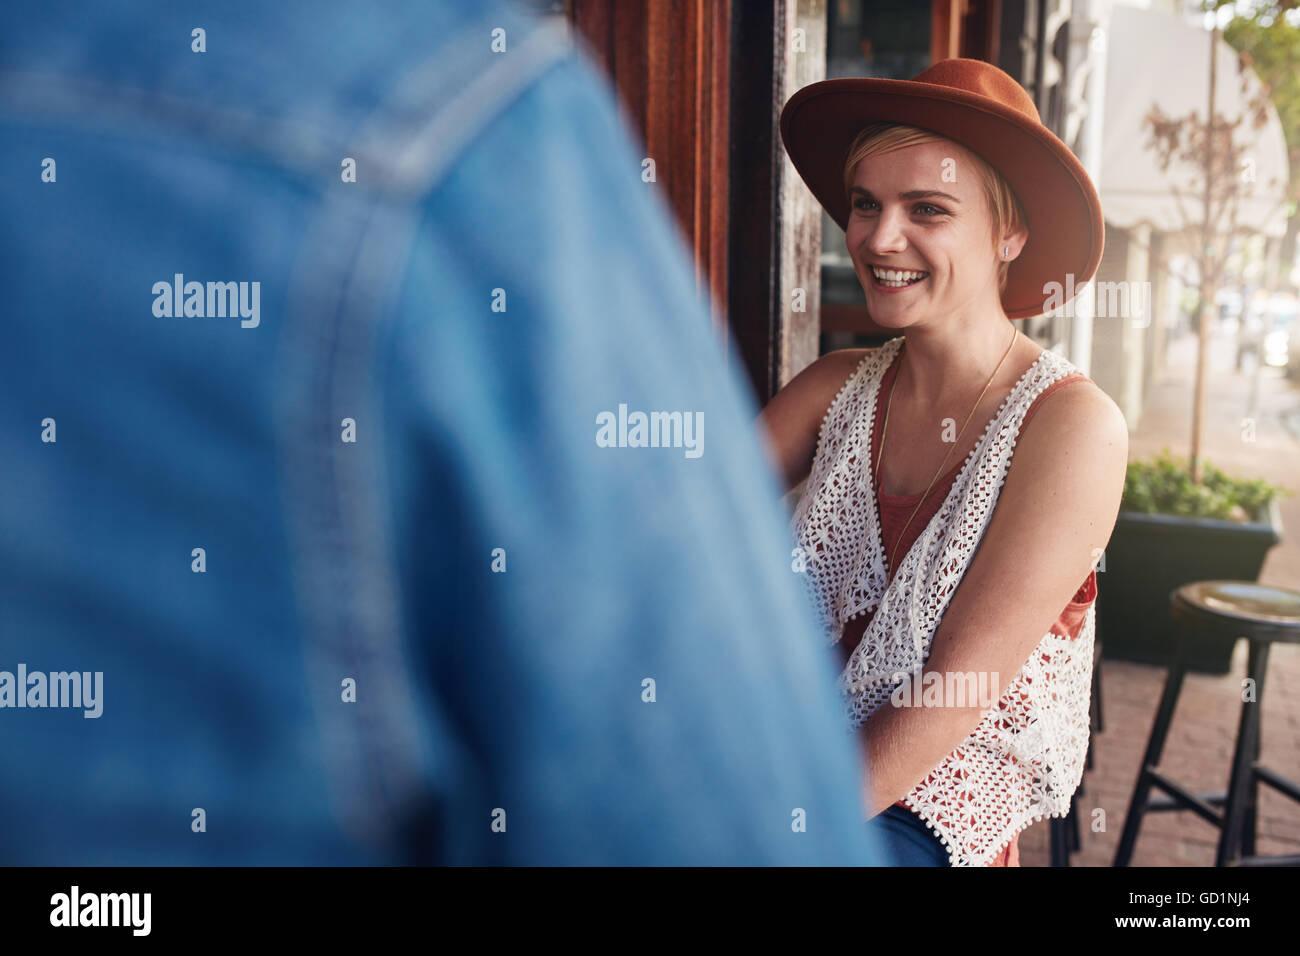 Mujer sonriente sentado en un café con su amiga. Los jóvenes sentados en una cafetería. Imagen De Stock